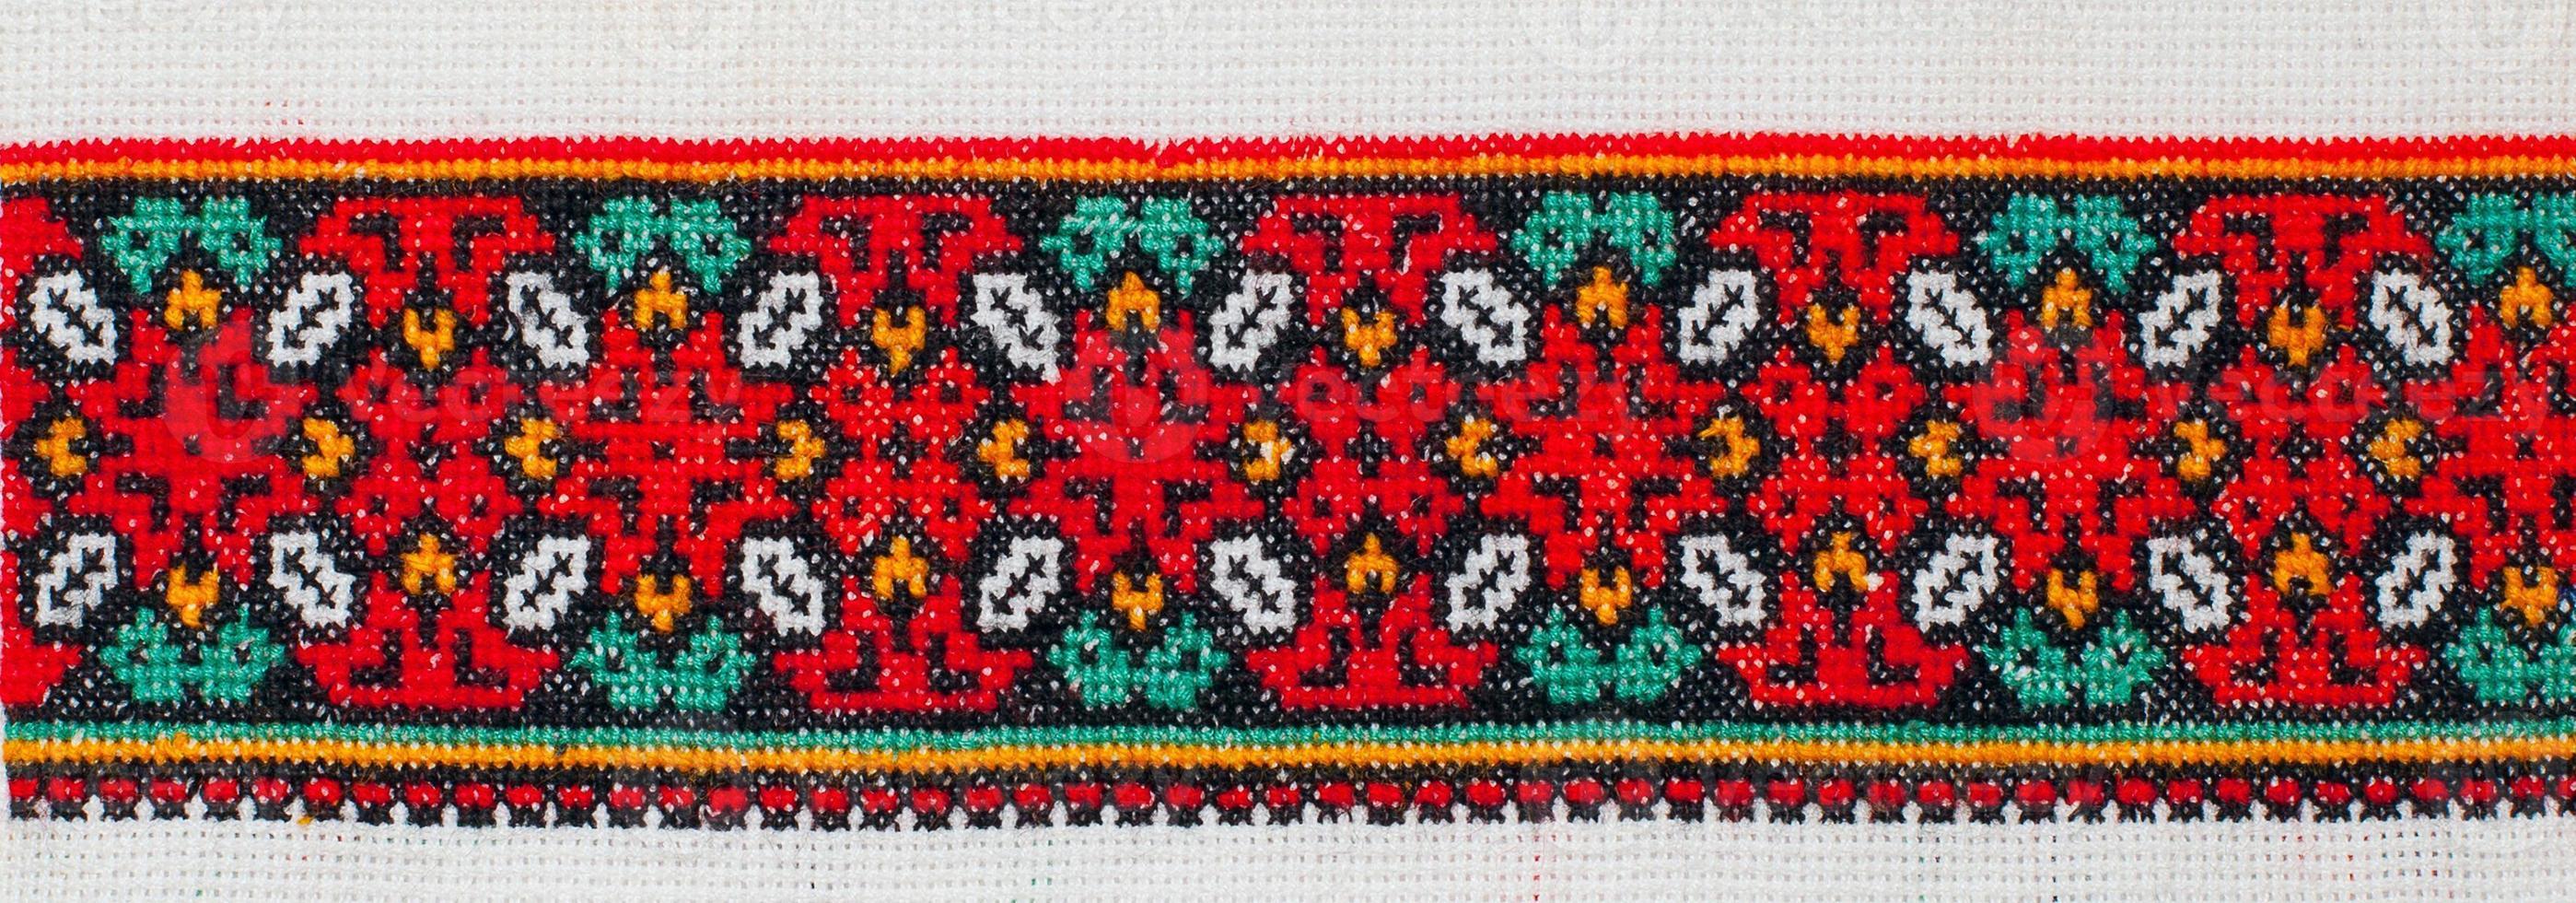 motif de point de croix brodé. ornement ethnique ukrainien photo